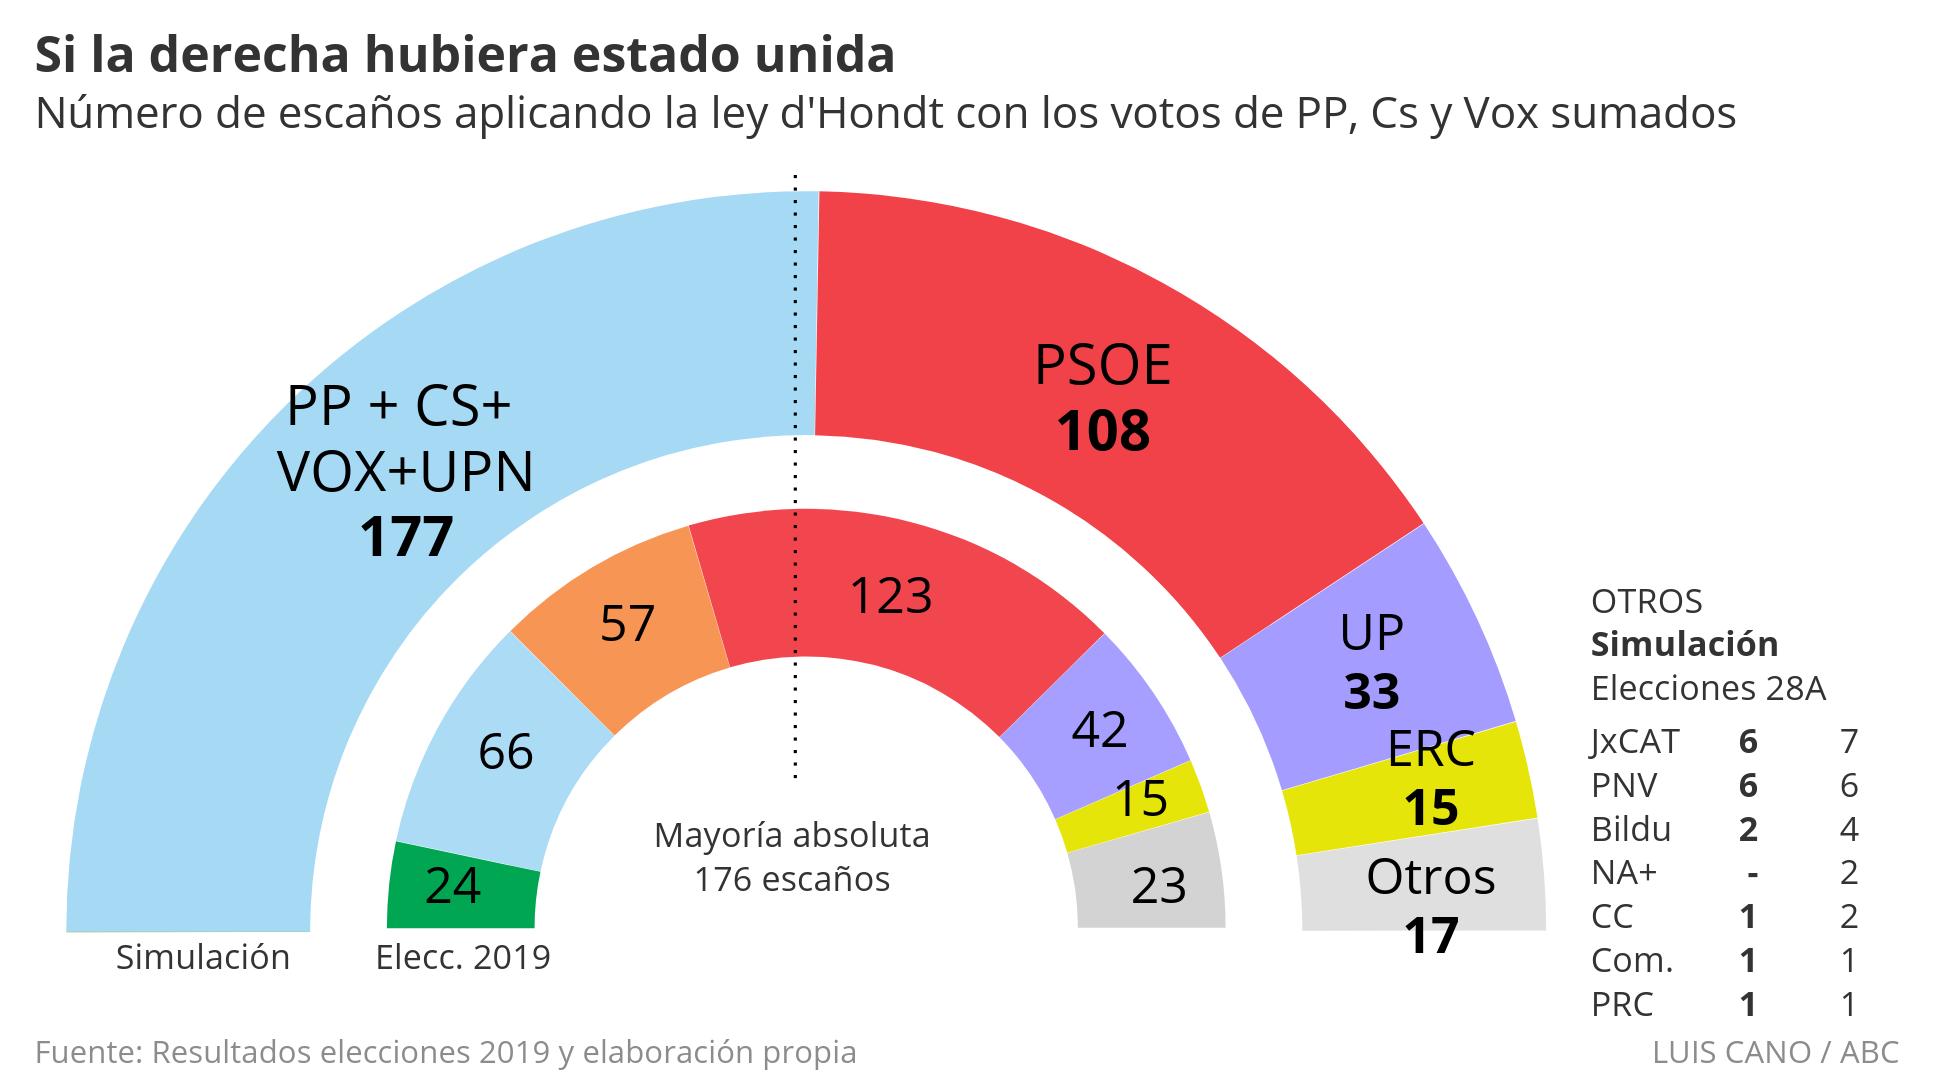 9963cc4f56c9 Elecciones 2019Así habrían sido los resultados de las elecciones con una  alianza entre PP